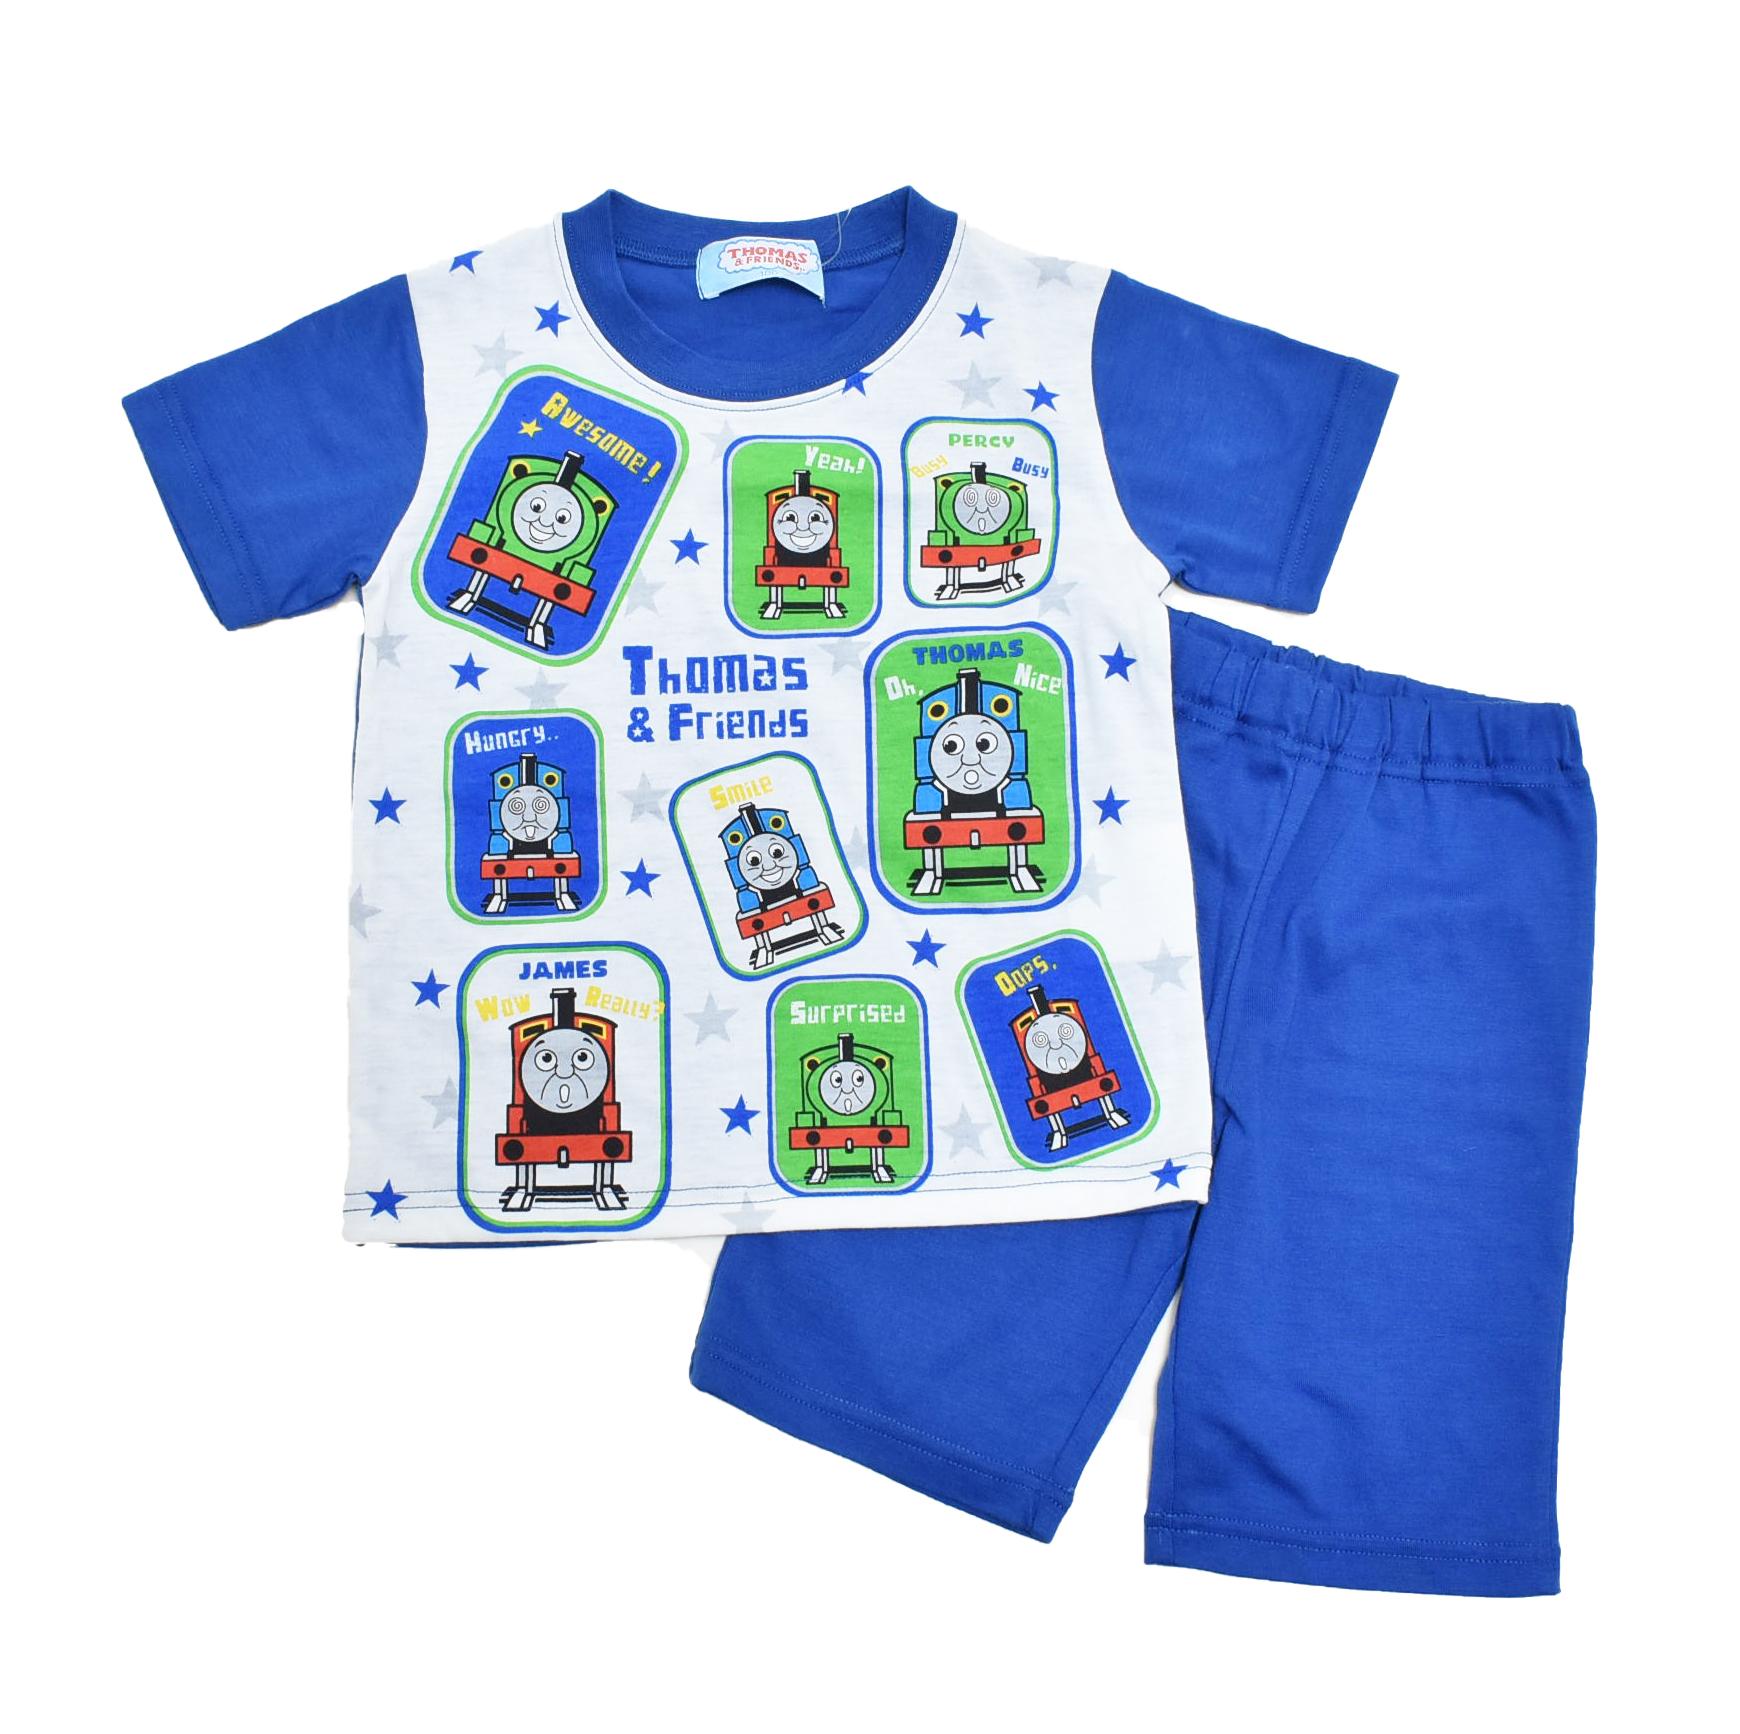 きかんしゃトーマス 半袖Tシャツ生地のパジャマ  100-130cm (132TM0071)